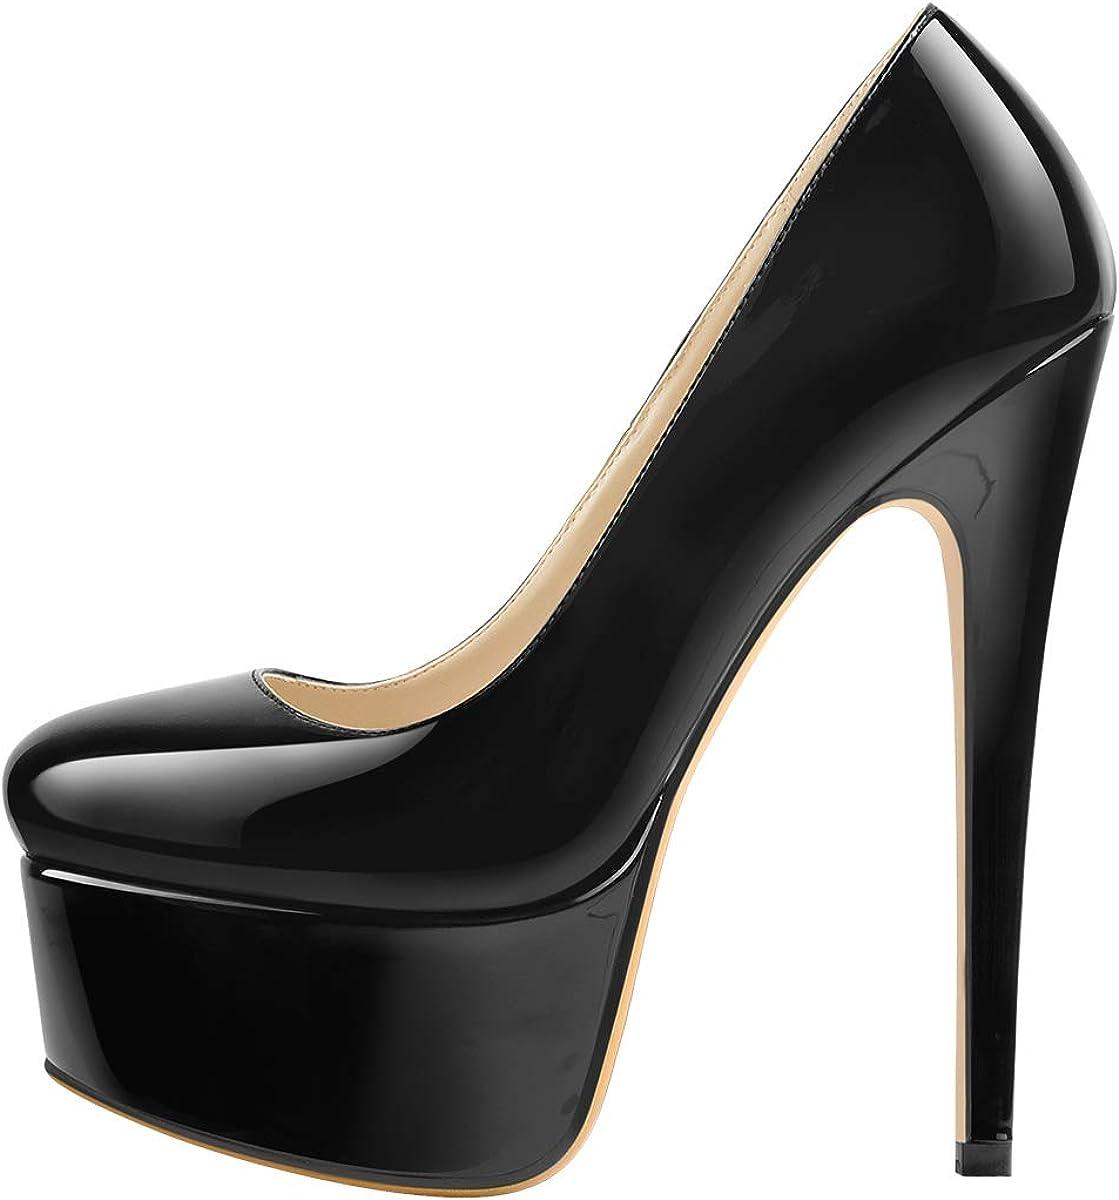 Super High Stiletto Heels Platform Slip